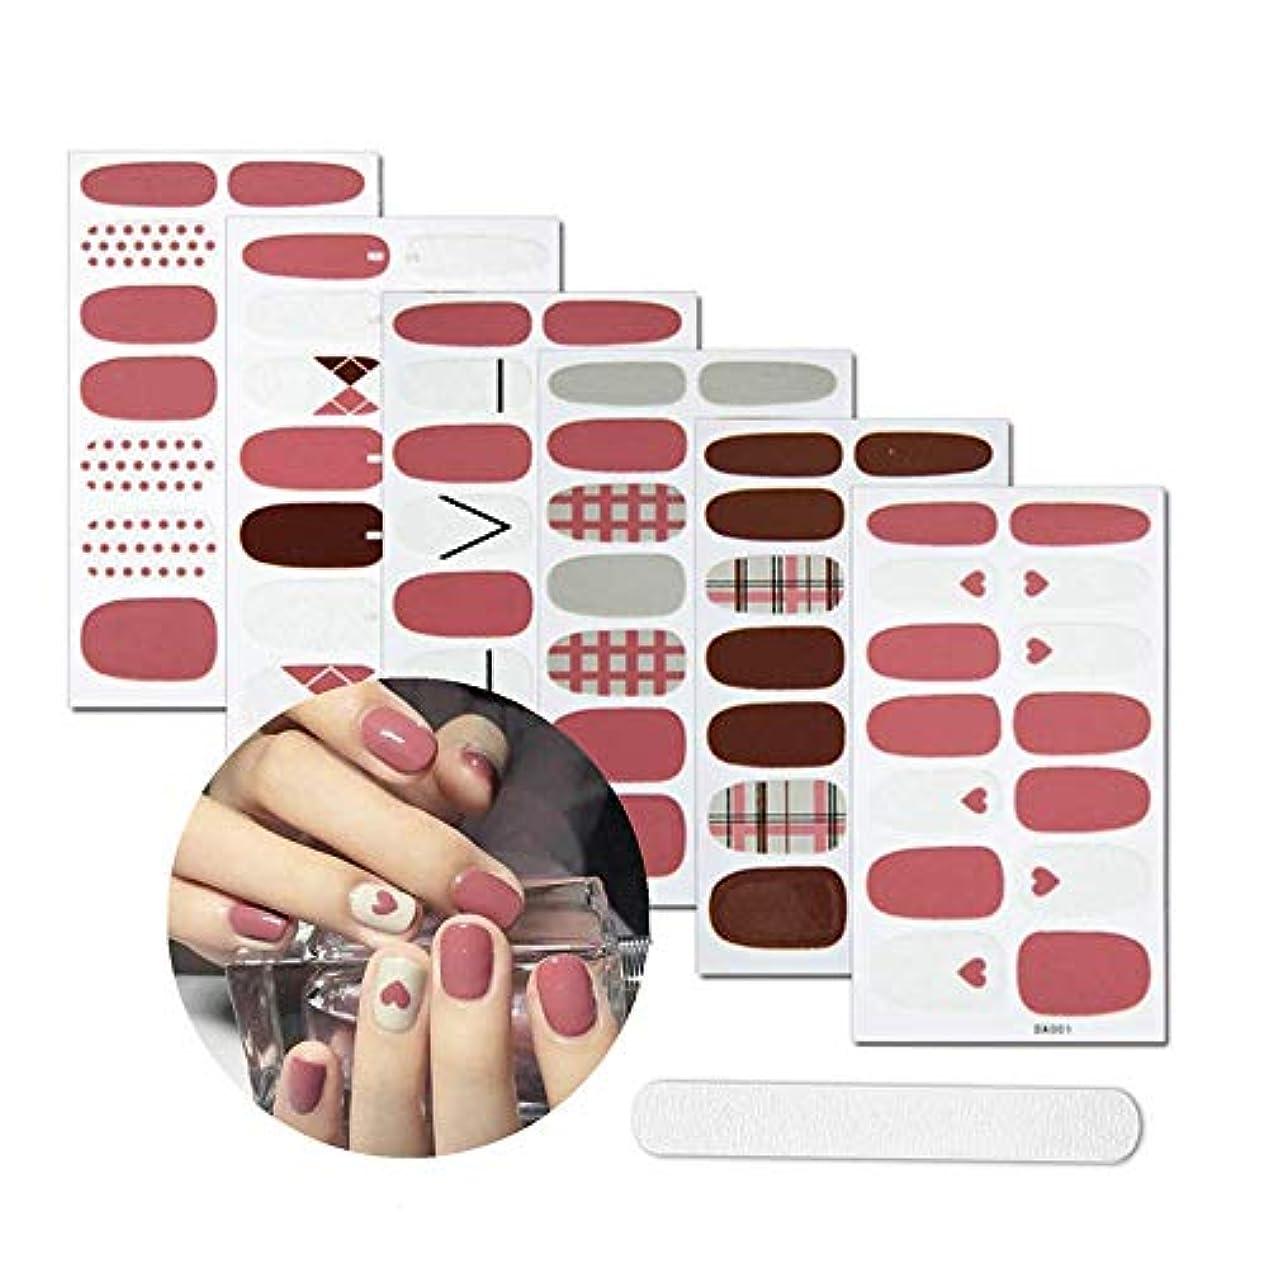 評価可能ペレグリネーション自動的にネイルシール 貼るだけマニキュア 6枚セット ネイルアート ネイルステッカー ネイルアクセサリー女性 簡単 レディースプレゼント ギフト可愛い 人気 おしゃれ上級 爪やすり1本付き